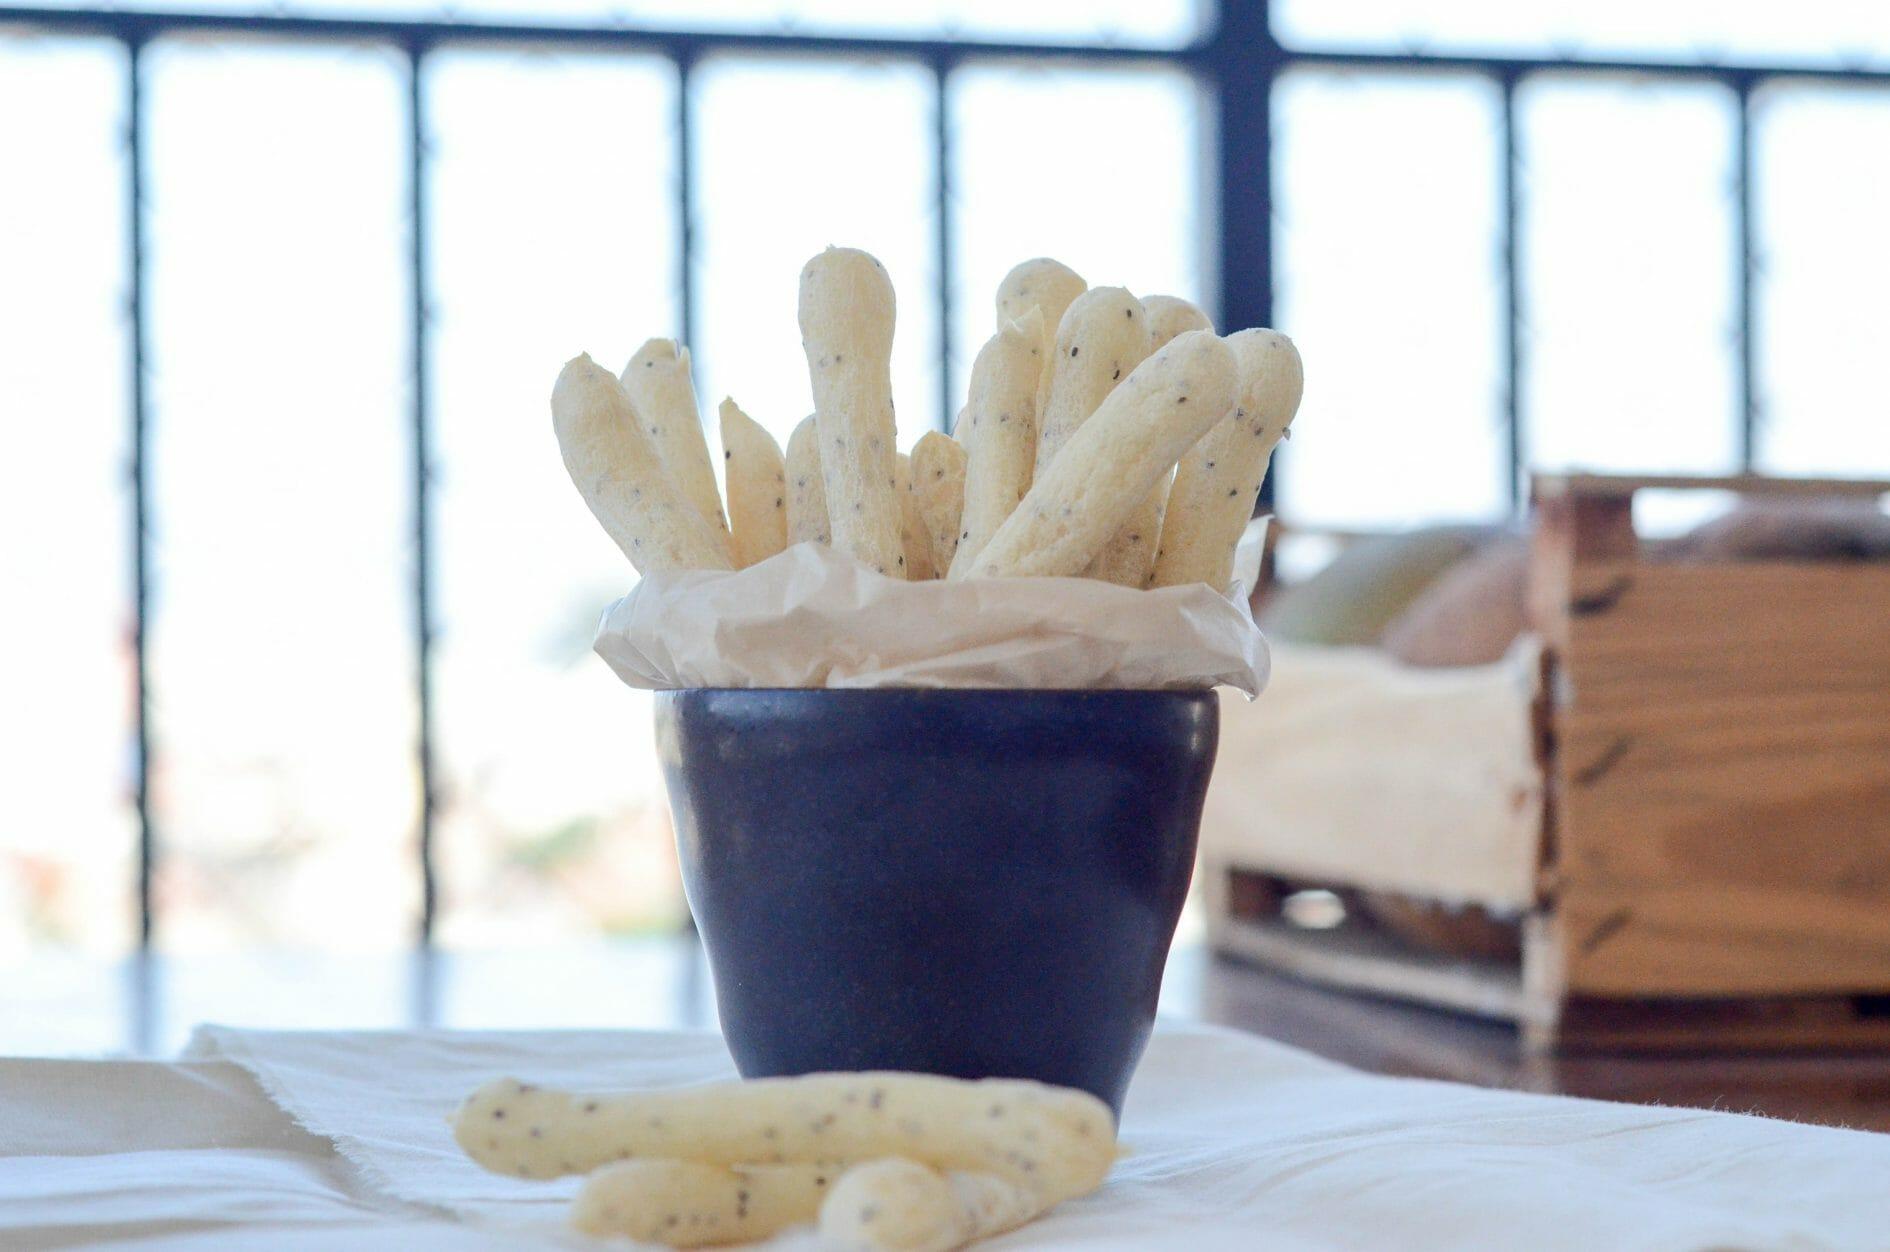 receita de biscoito de polvilho caseiro com sementes de chia